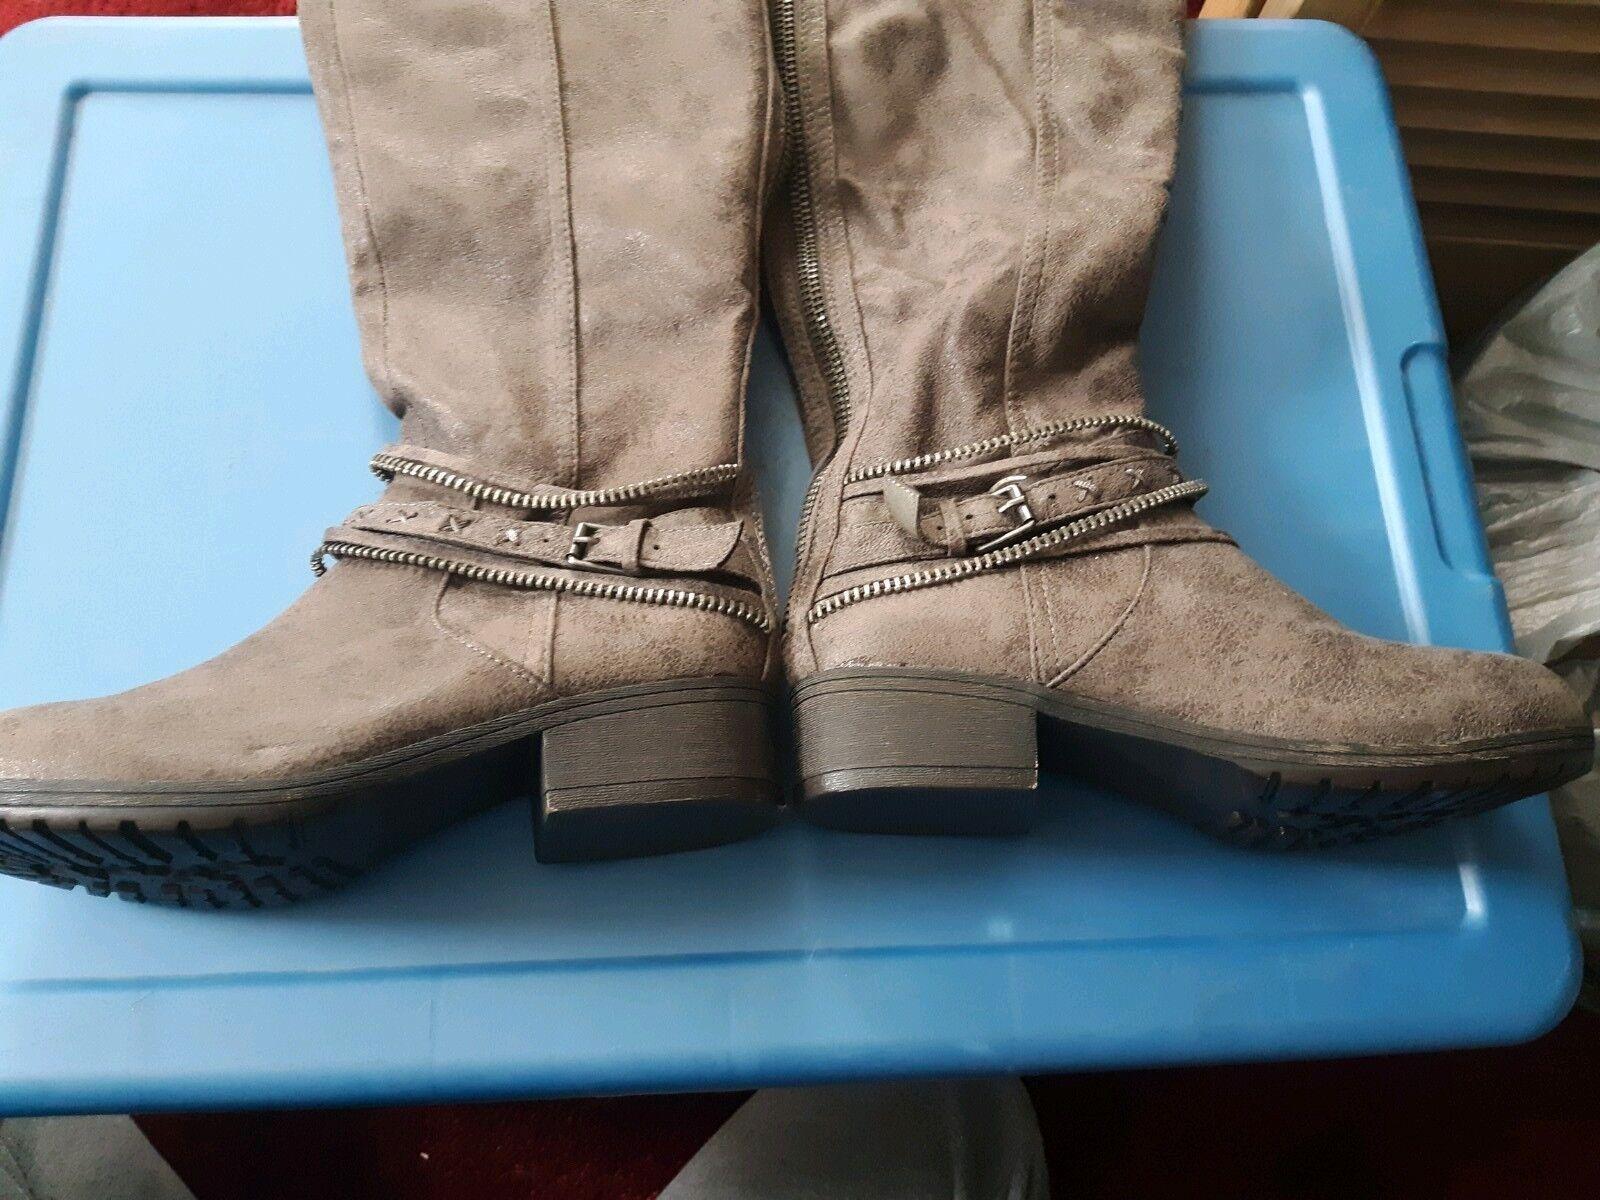 ! nuevo! así que Para mujeres Informal Botas Altas, Baja Tacón con plataforma, 6 1/2 Med, Garland Gris 73277